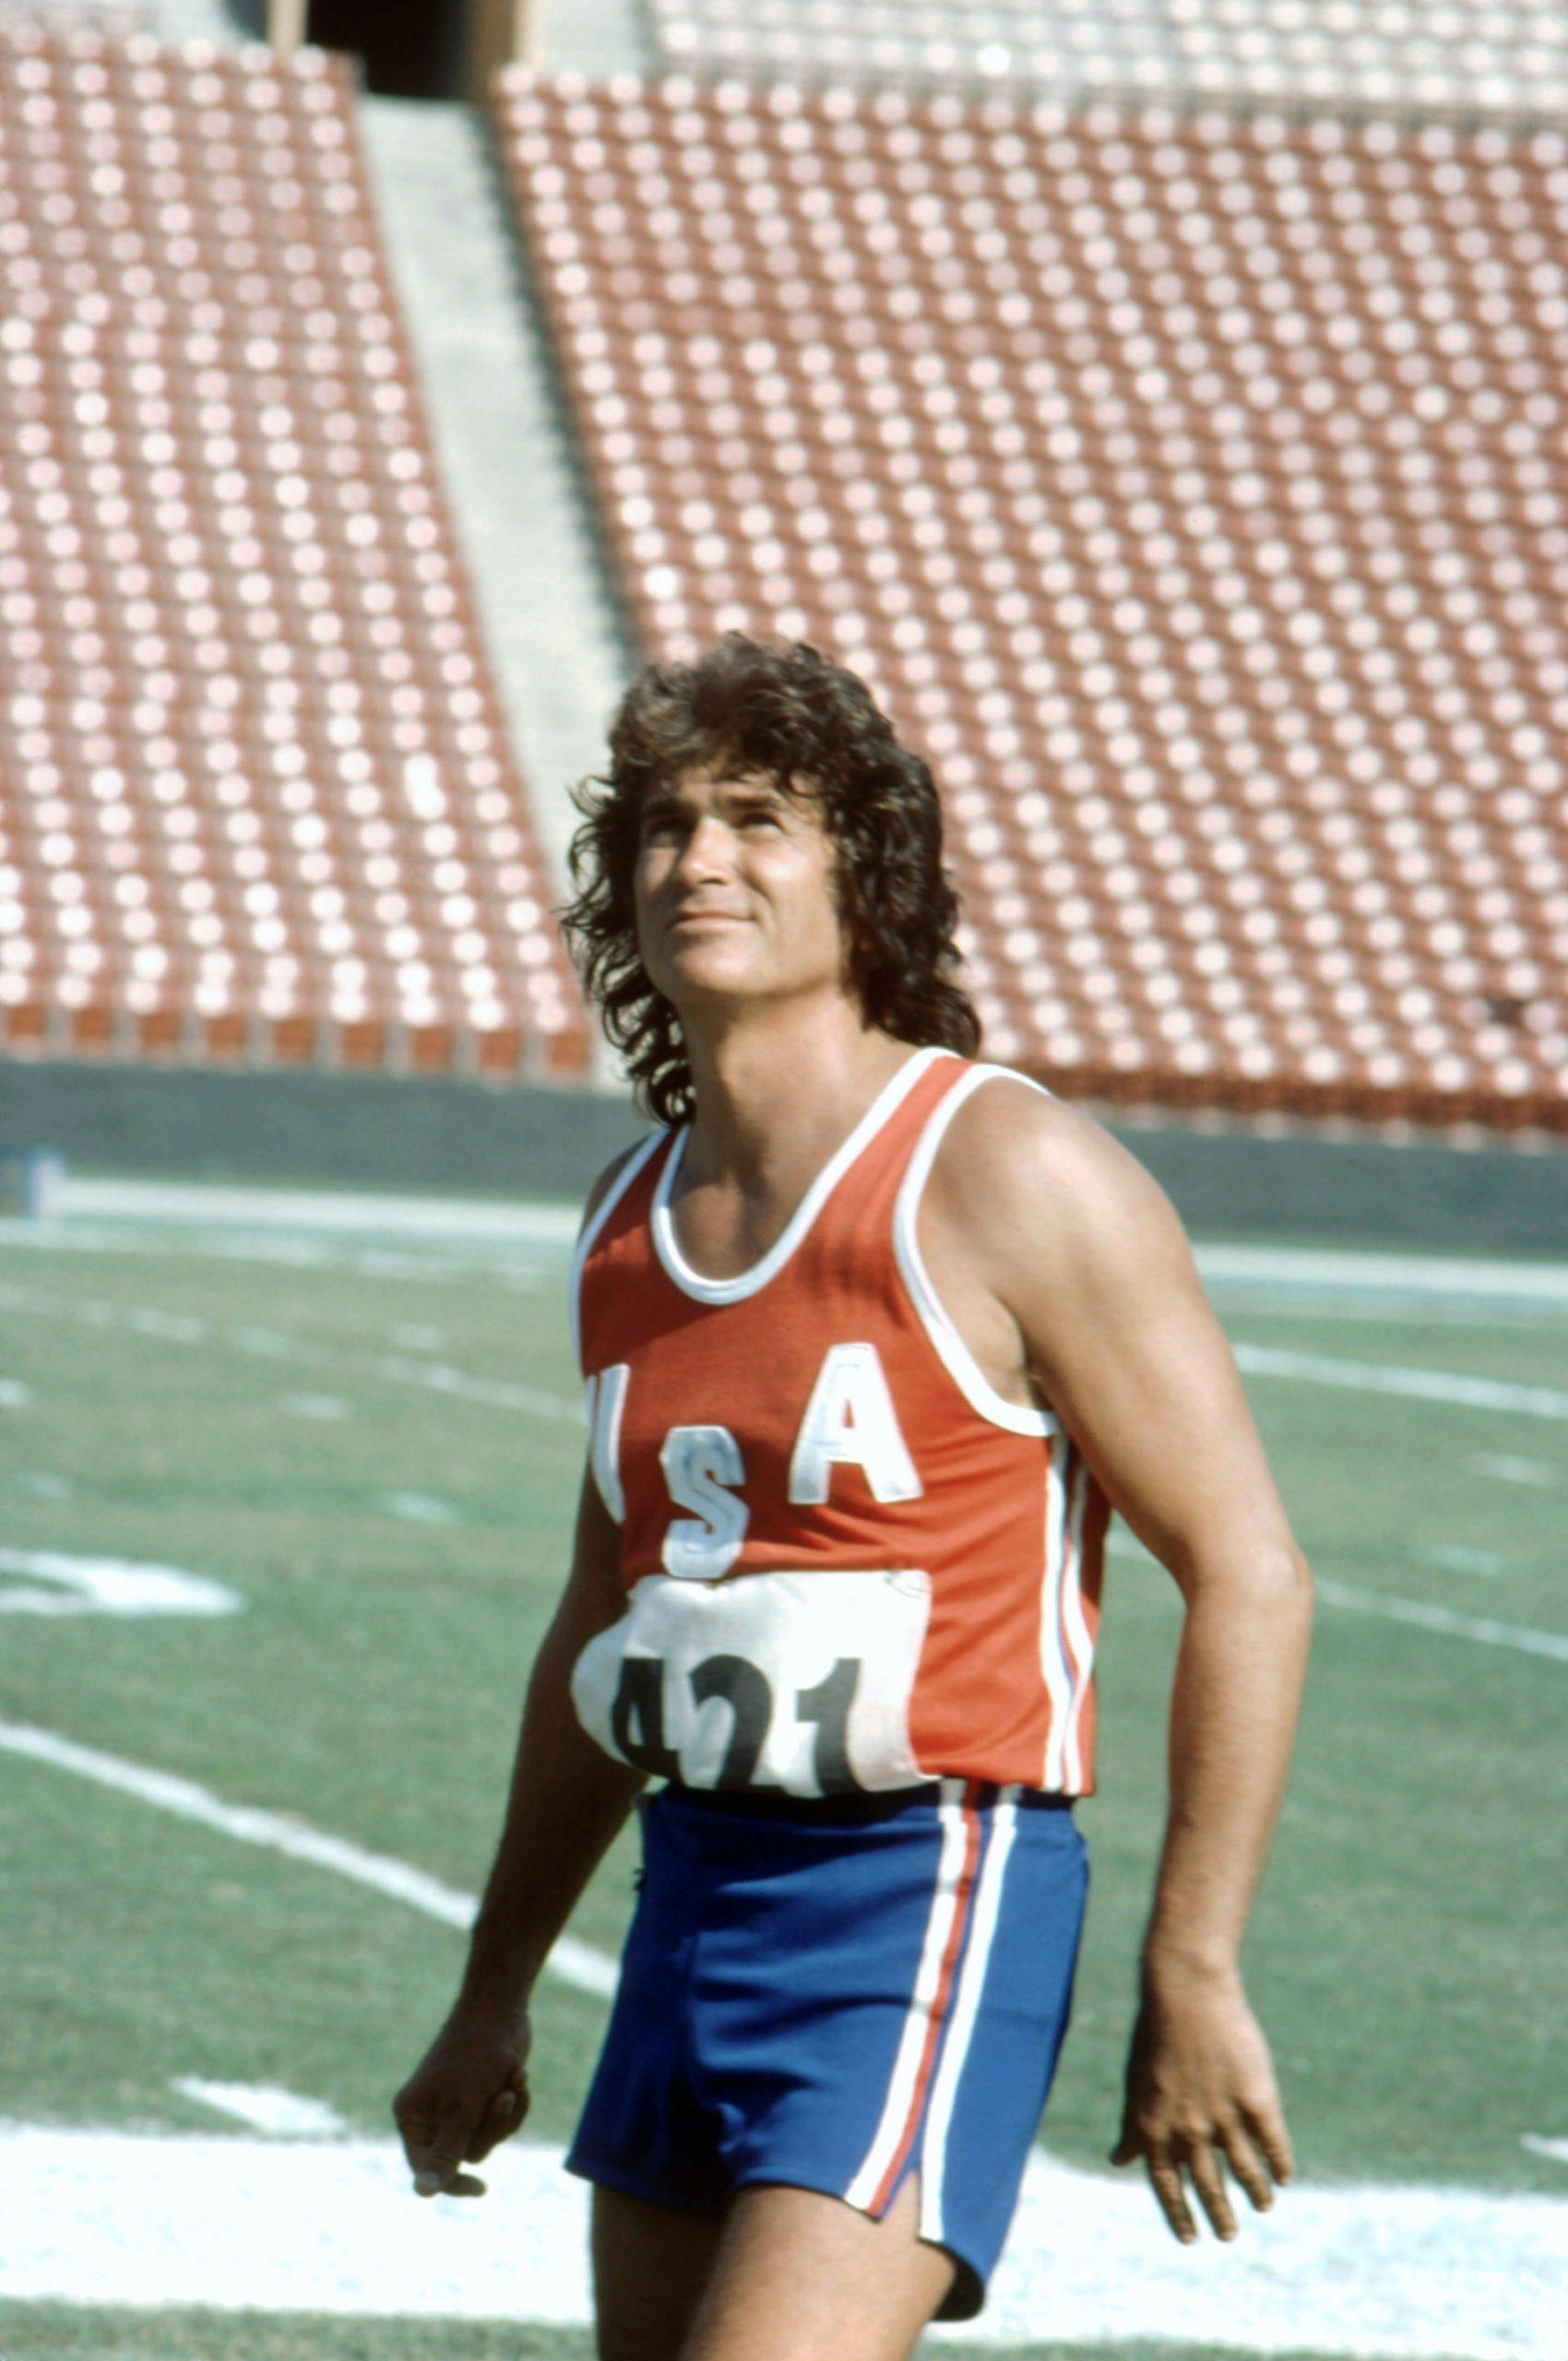 The Loneliest Runner 1976